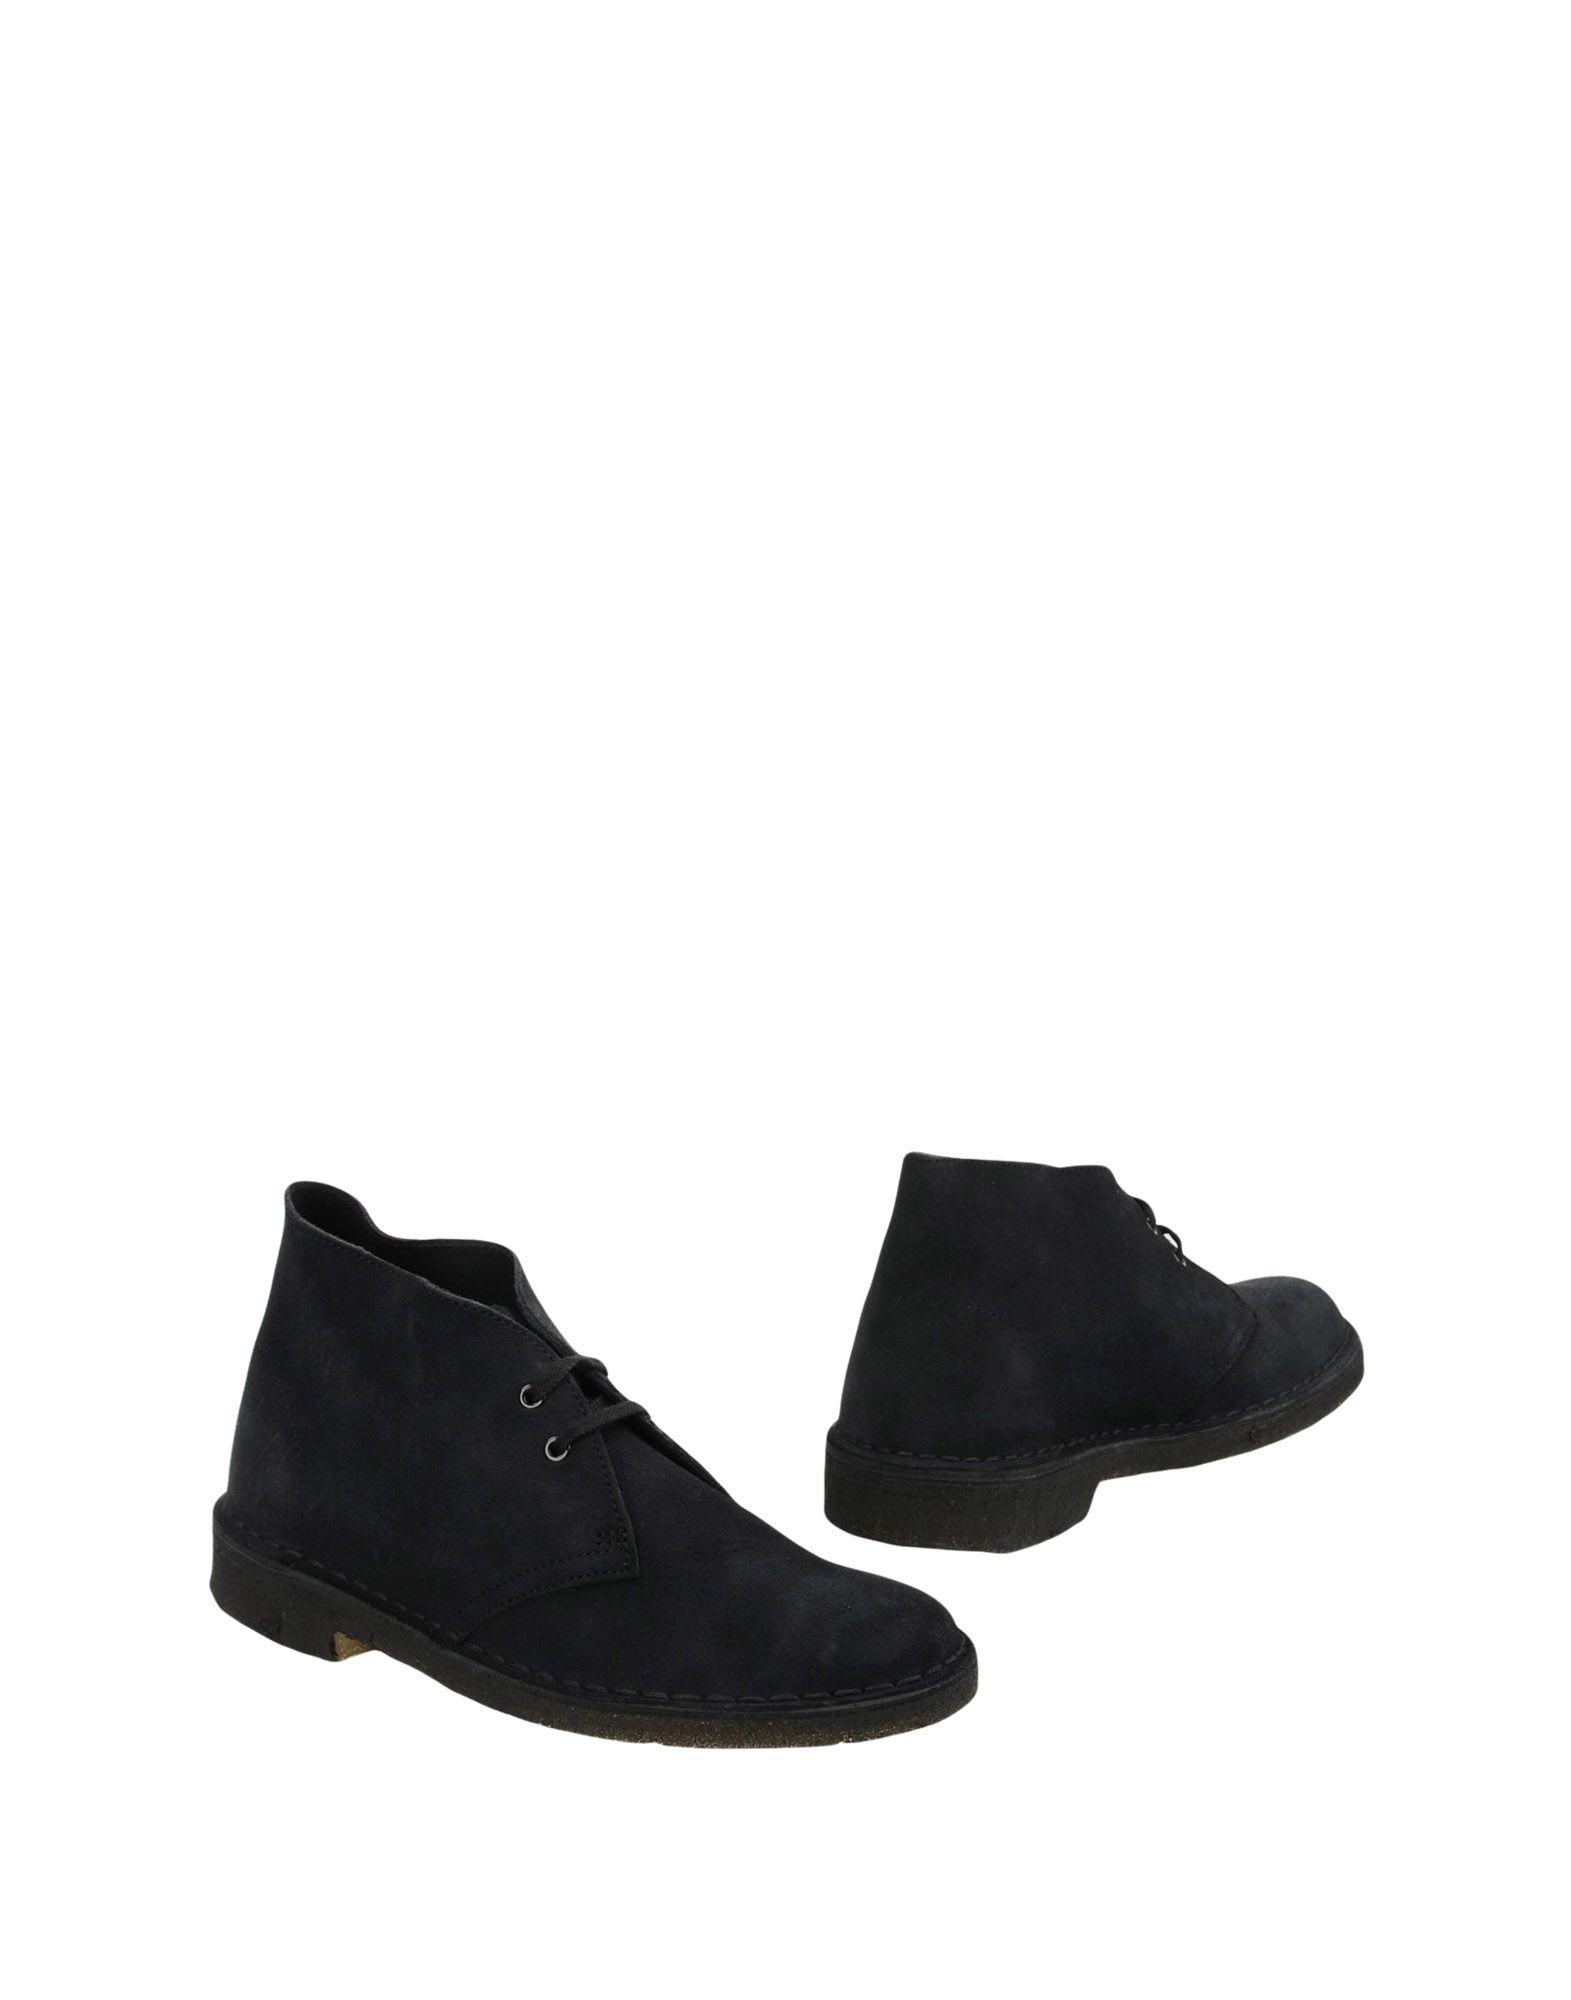 CLARKS ORIGINALS Полусапоги и высокие ботинки clarks полусапоги и высокие ботинки